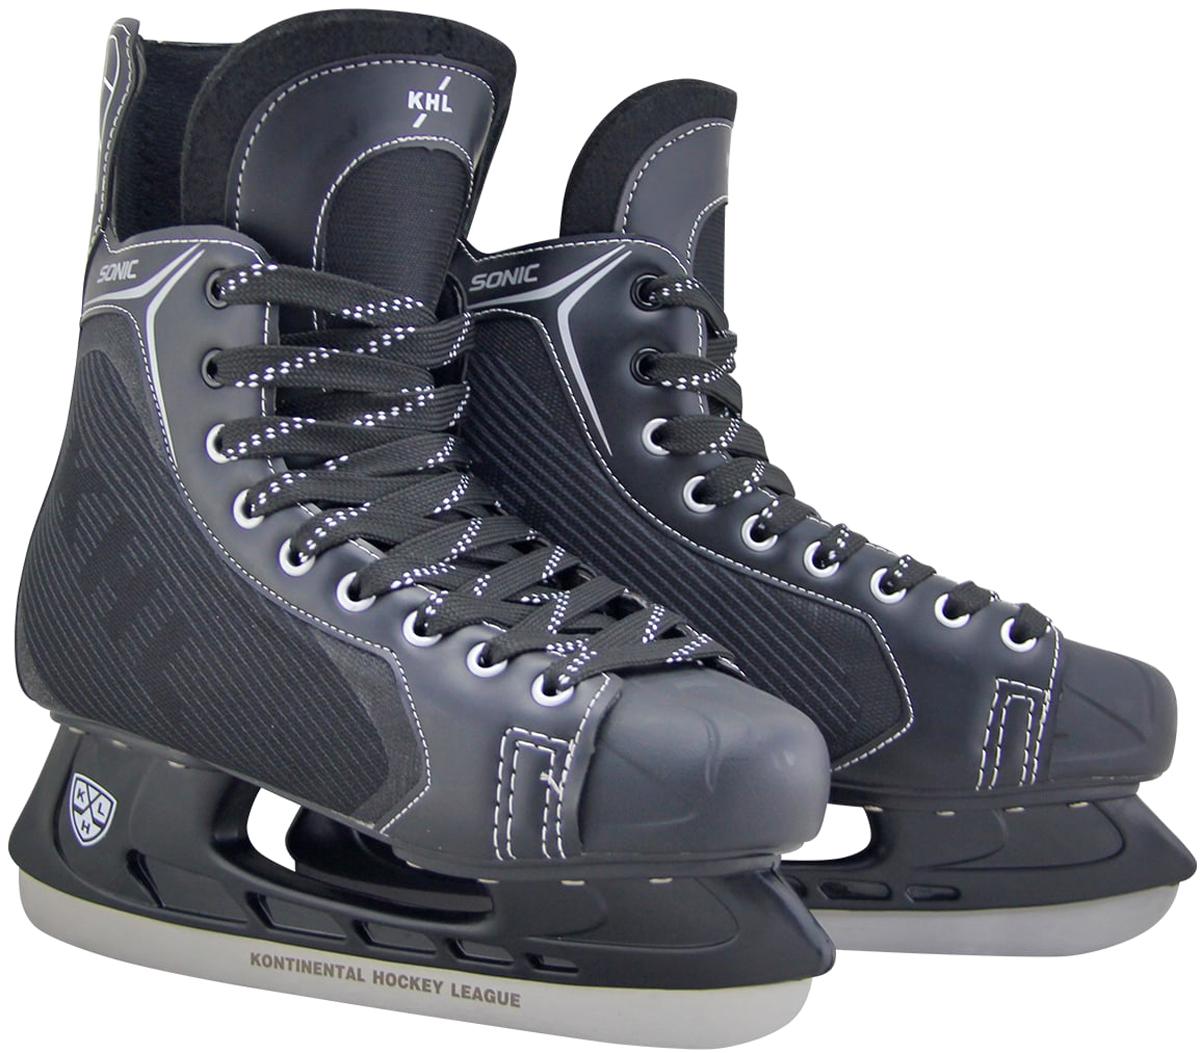 Коньки хоккейные мужские KHL Sonic, цвет: черный, серый, белый. Размер 46УТ-00010443Хоккейные коньки KHL Sonic являются официальной лицензионной продукцией Континентальной Хоккейной Лиги (КХЛ). Это прекрасная любительская модель коньков с уникальным стильным ассиметричным дизайном, выполненным в новой стилистической концепции КХЛ. Модель выполнена из износостойких материалов, устойчивых к порезам. Усиленная жесткость ботинка для более уверенного катания. Дополнительные вставки из EVA и MEMORY foam обеспечат комфорт. Лезвие выполнено из высокоуглеродистой стали с покрытием из никеля. Шнуровка надежно зафиксирует модель на ноге.Коньки подходят для использования на открытом и закрытом льду.